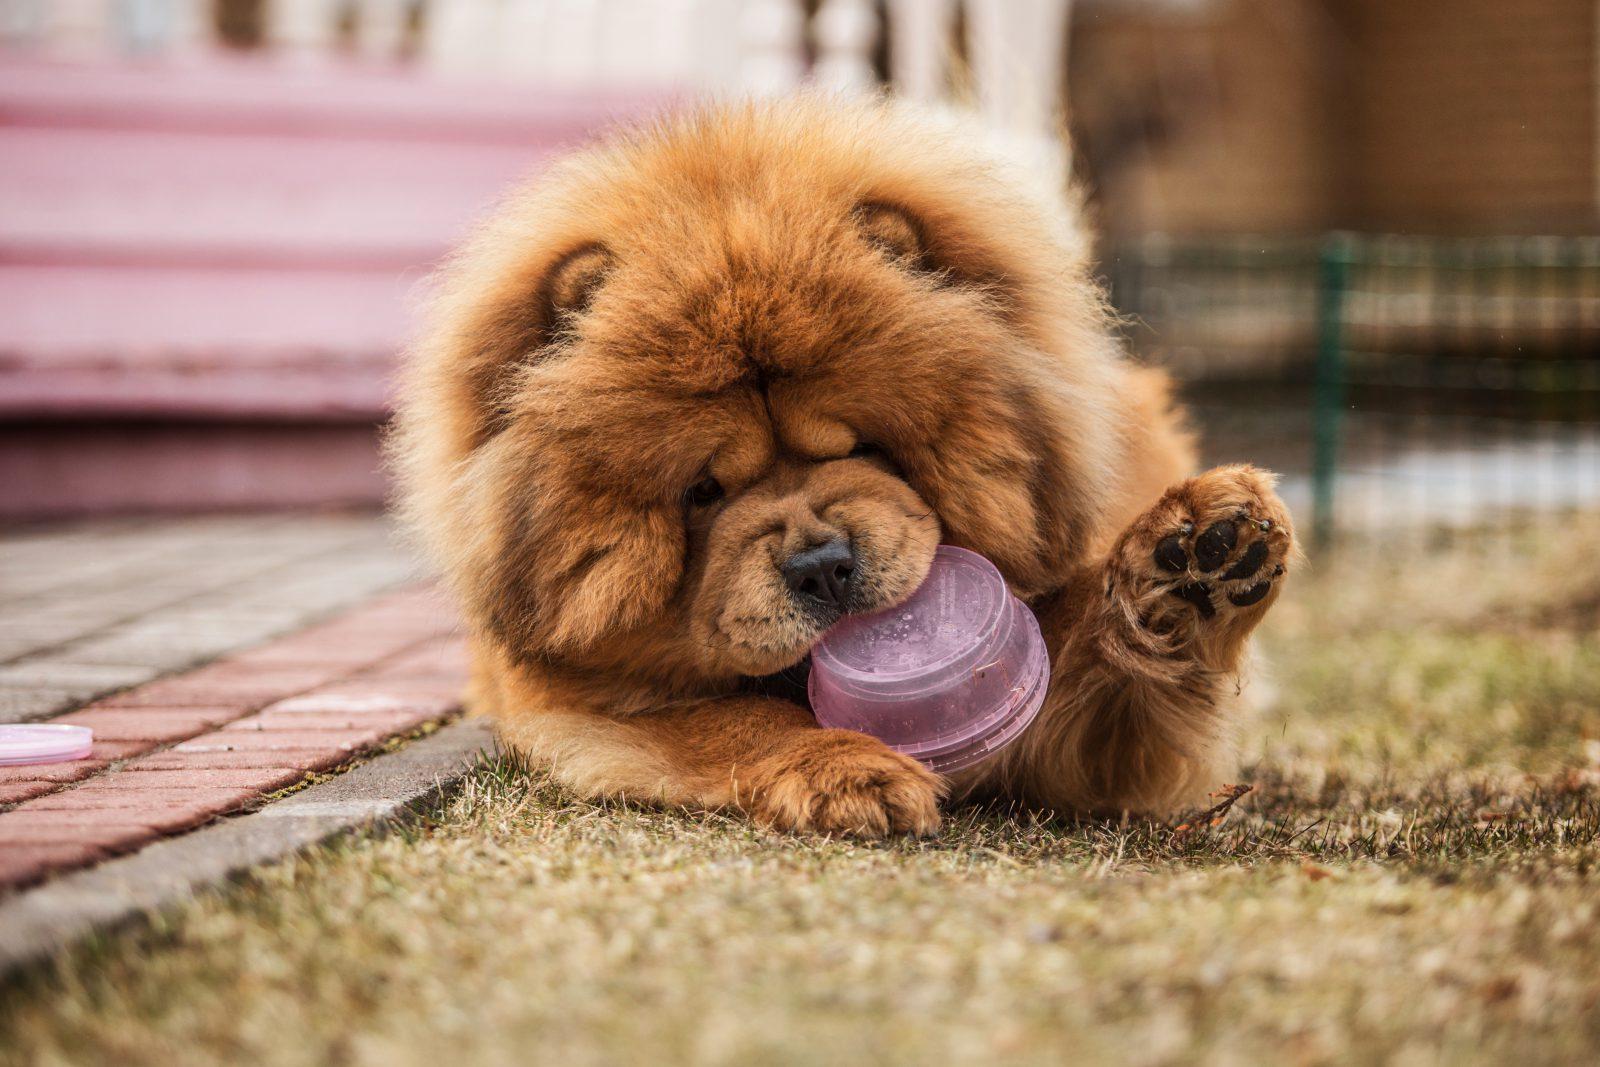 Brinquedo para cachorro: Chow Chow mastigando a sua bola de brinquedo favorita.